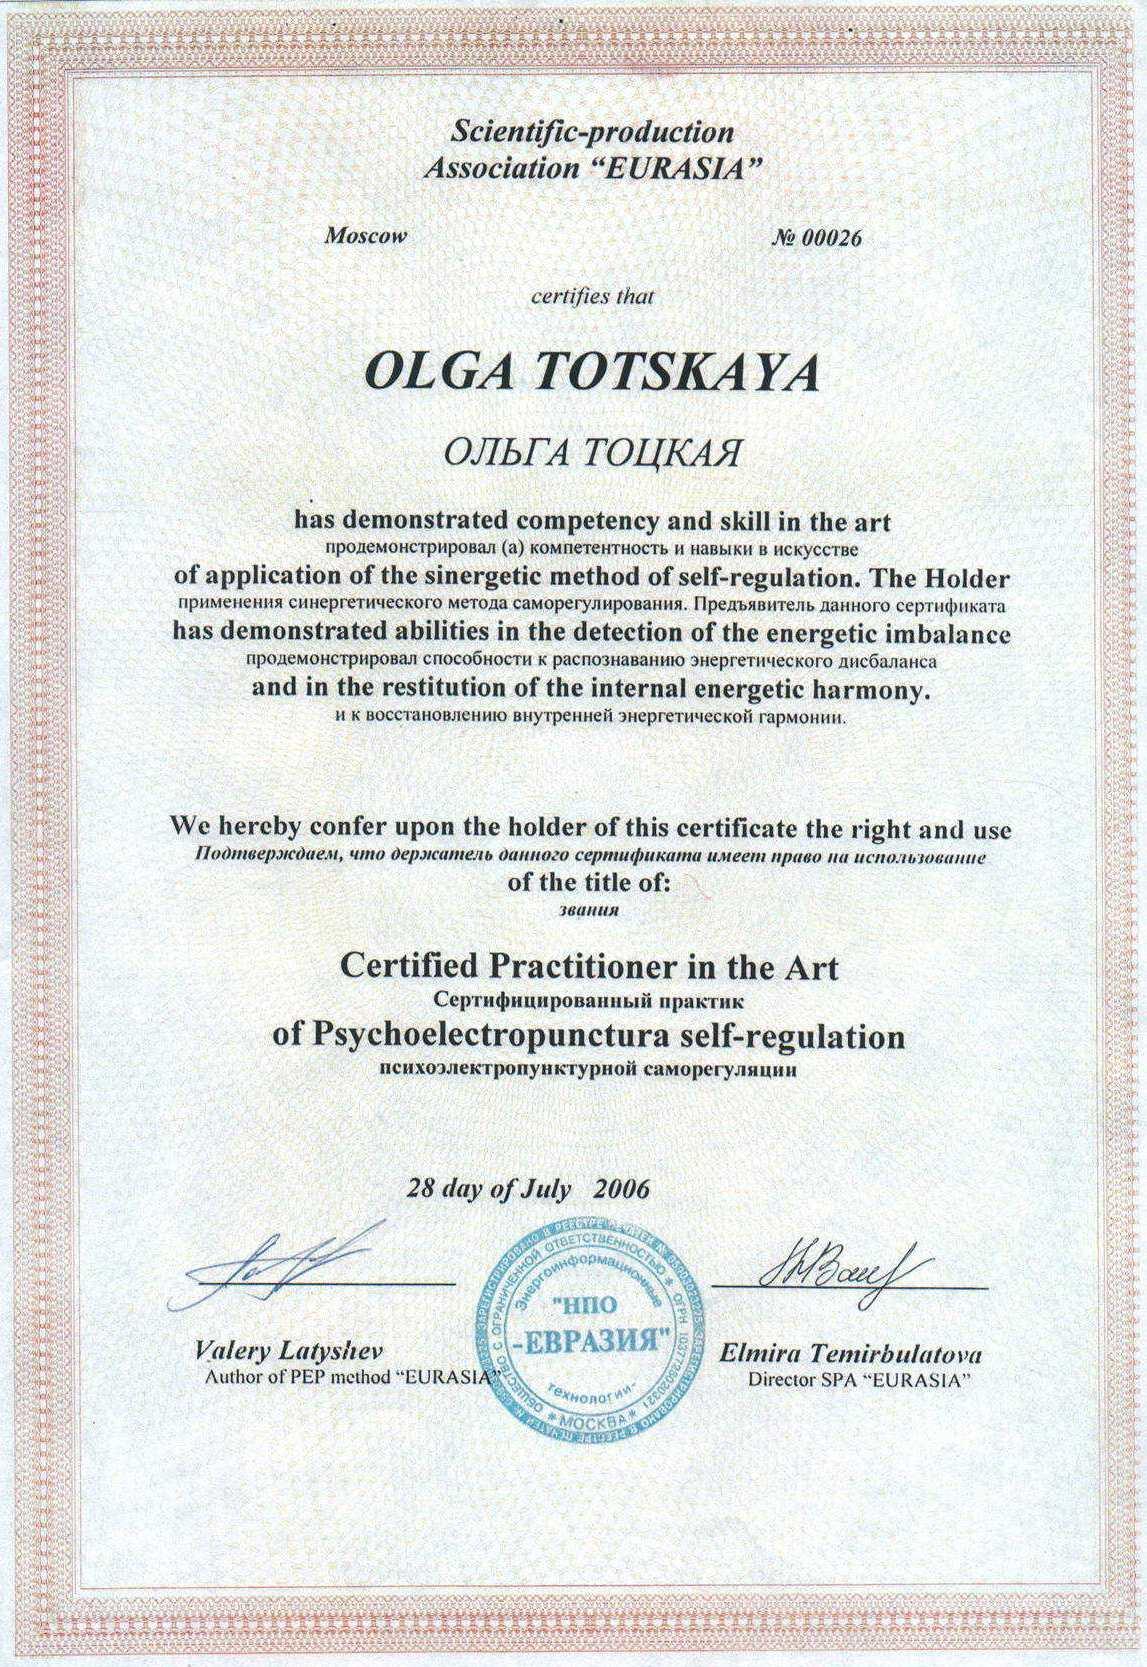 Сертификат о праве использования звания сертифицированный практик психоэлектропунктурной саморегуляции